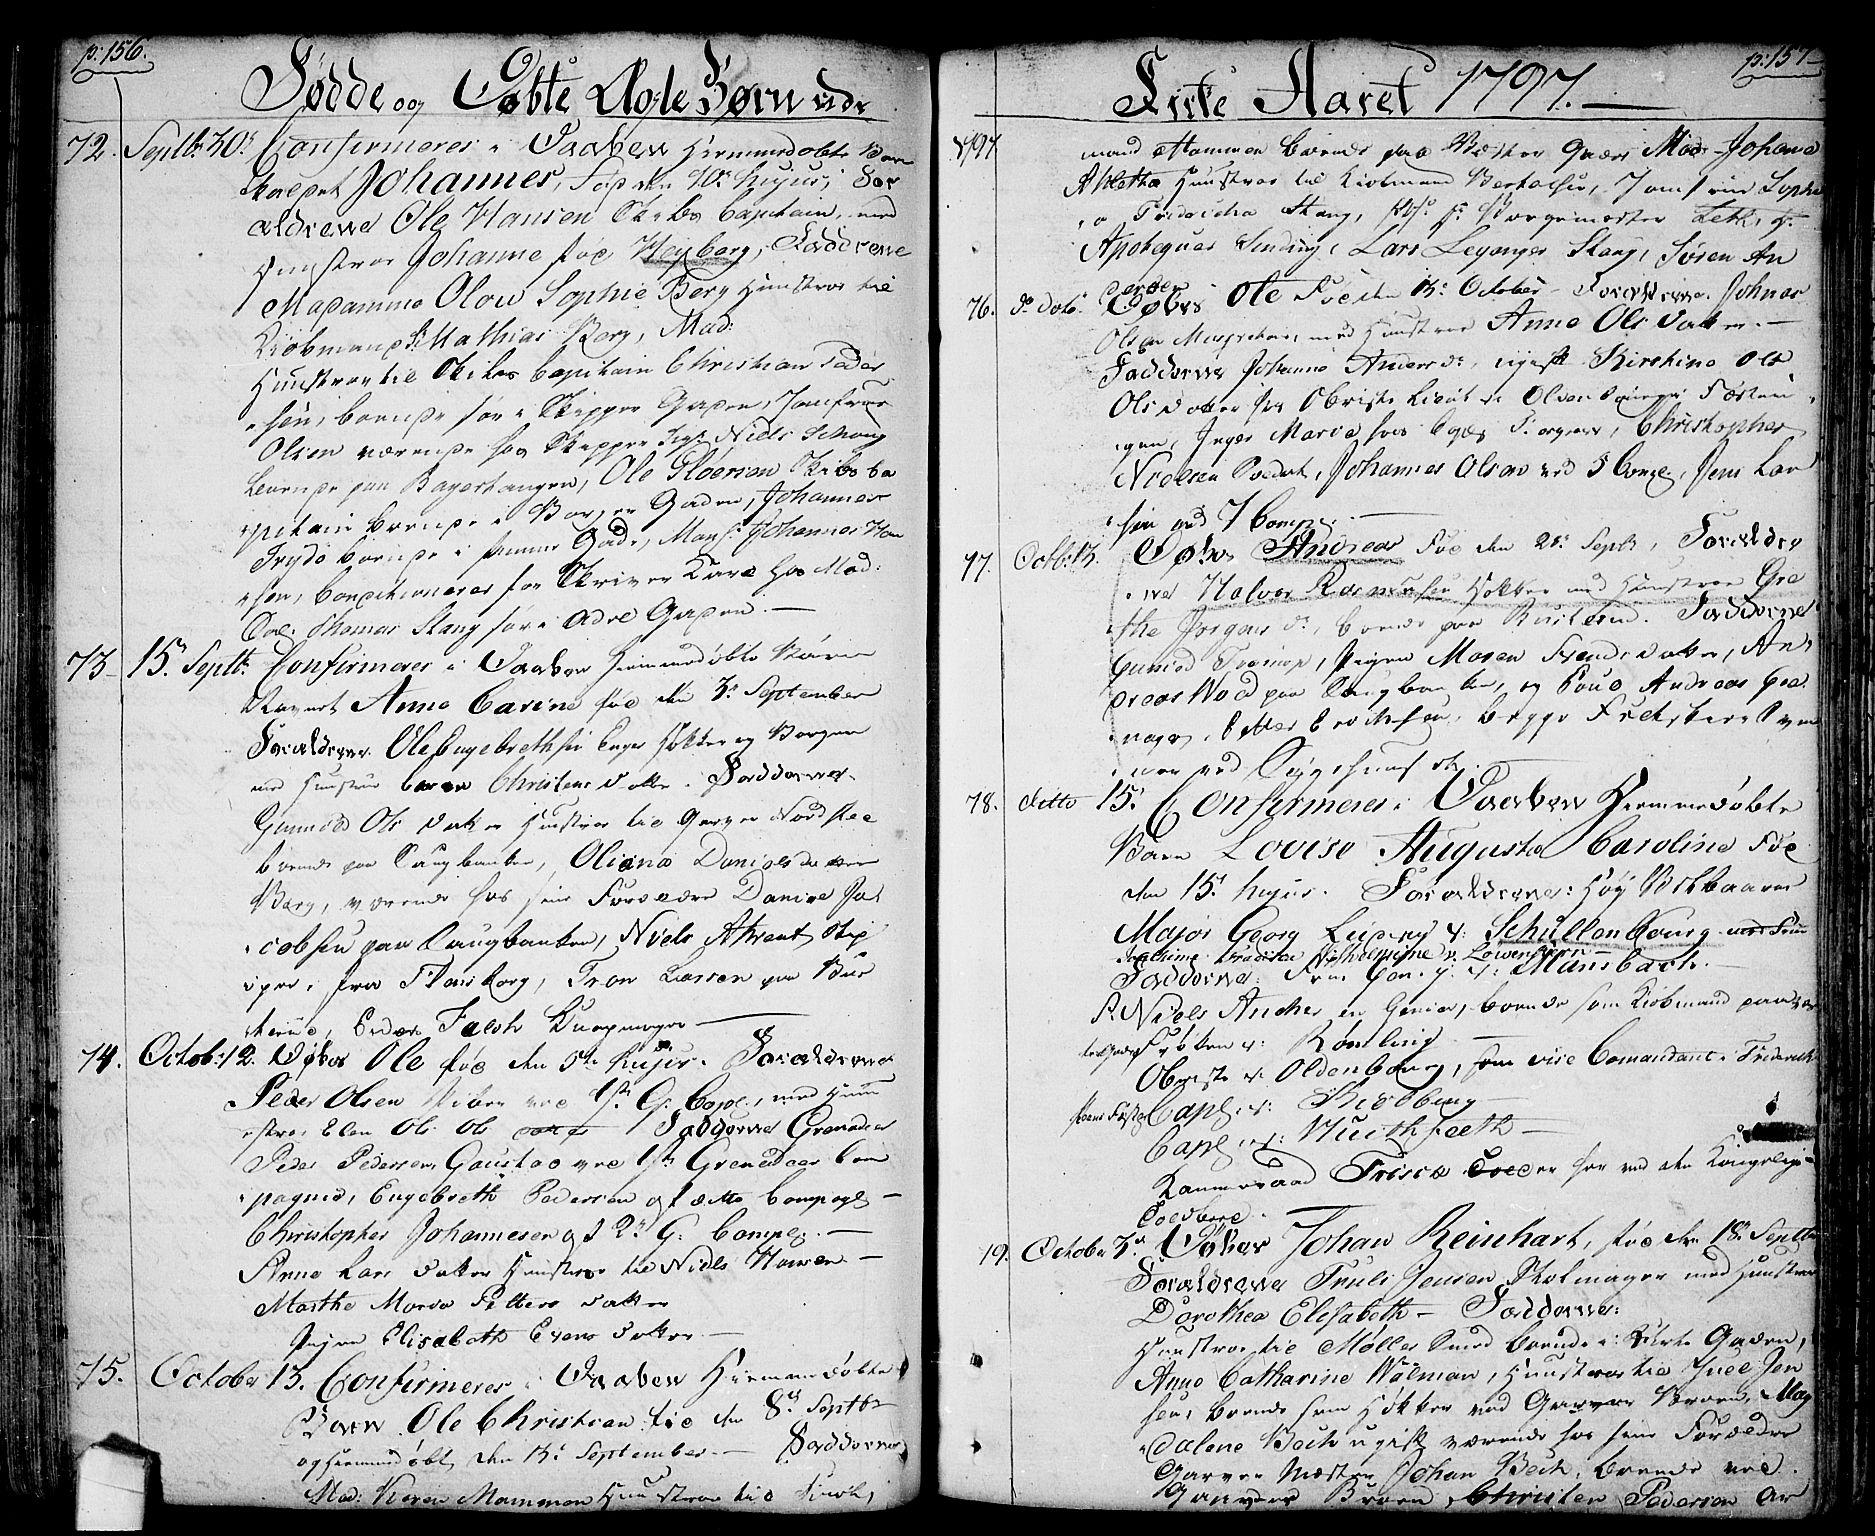 SAO, Halden prestekontor Kirkebøker, F/Fa/L0002: Ministerialbok nr. I 2, 1792-1812, s. 156-157